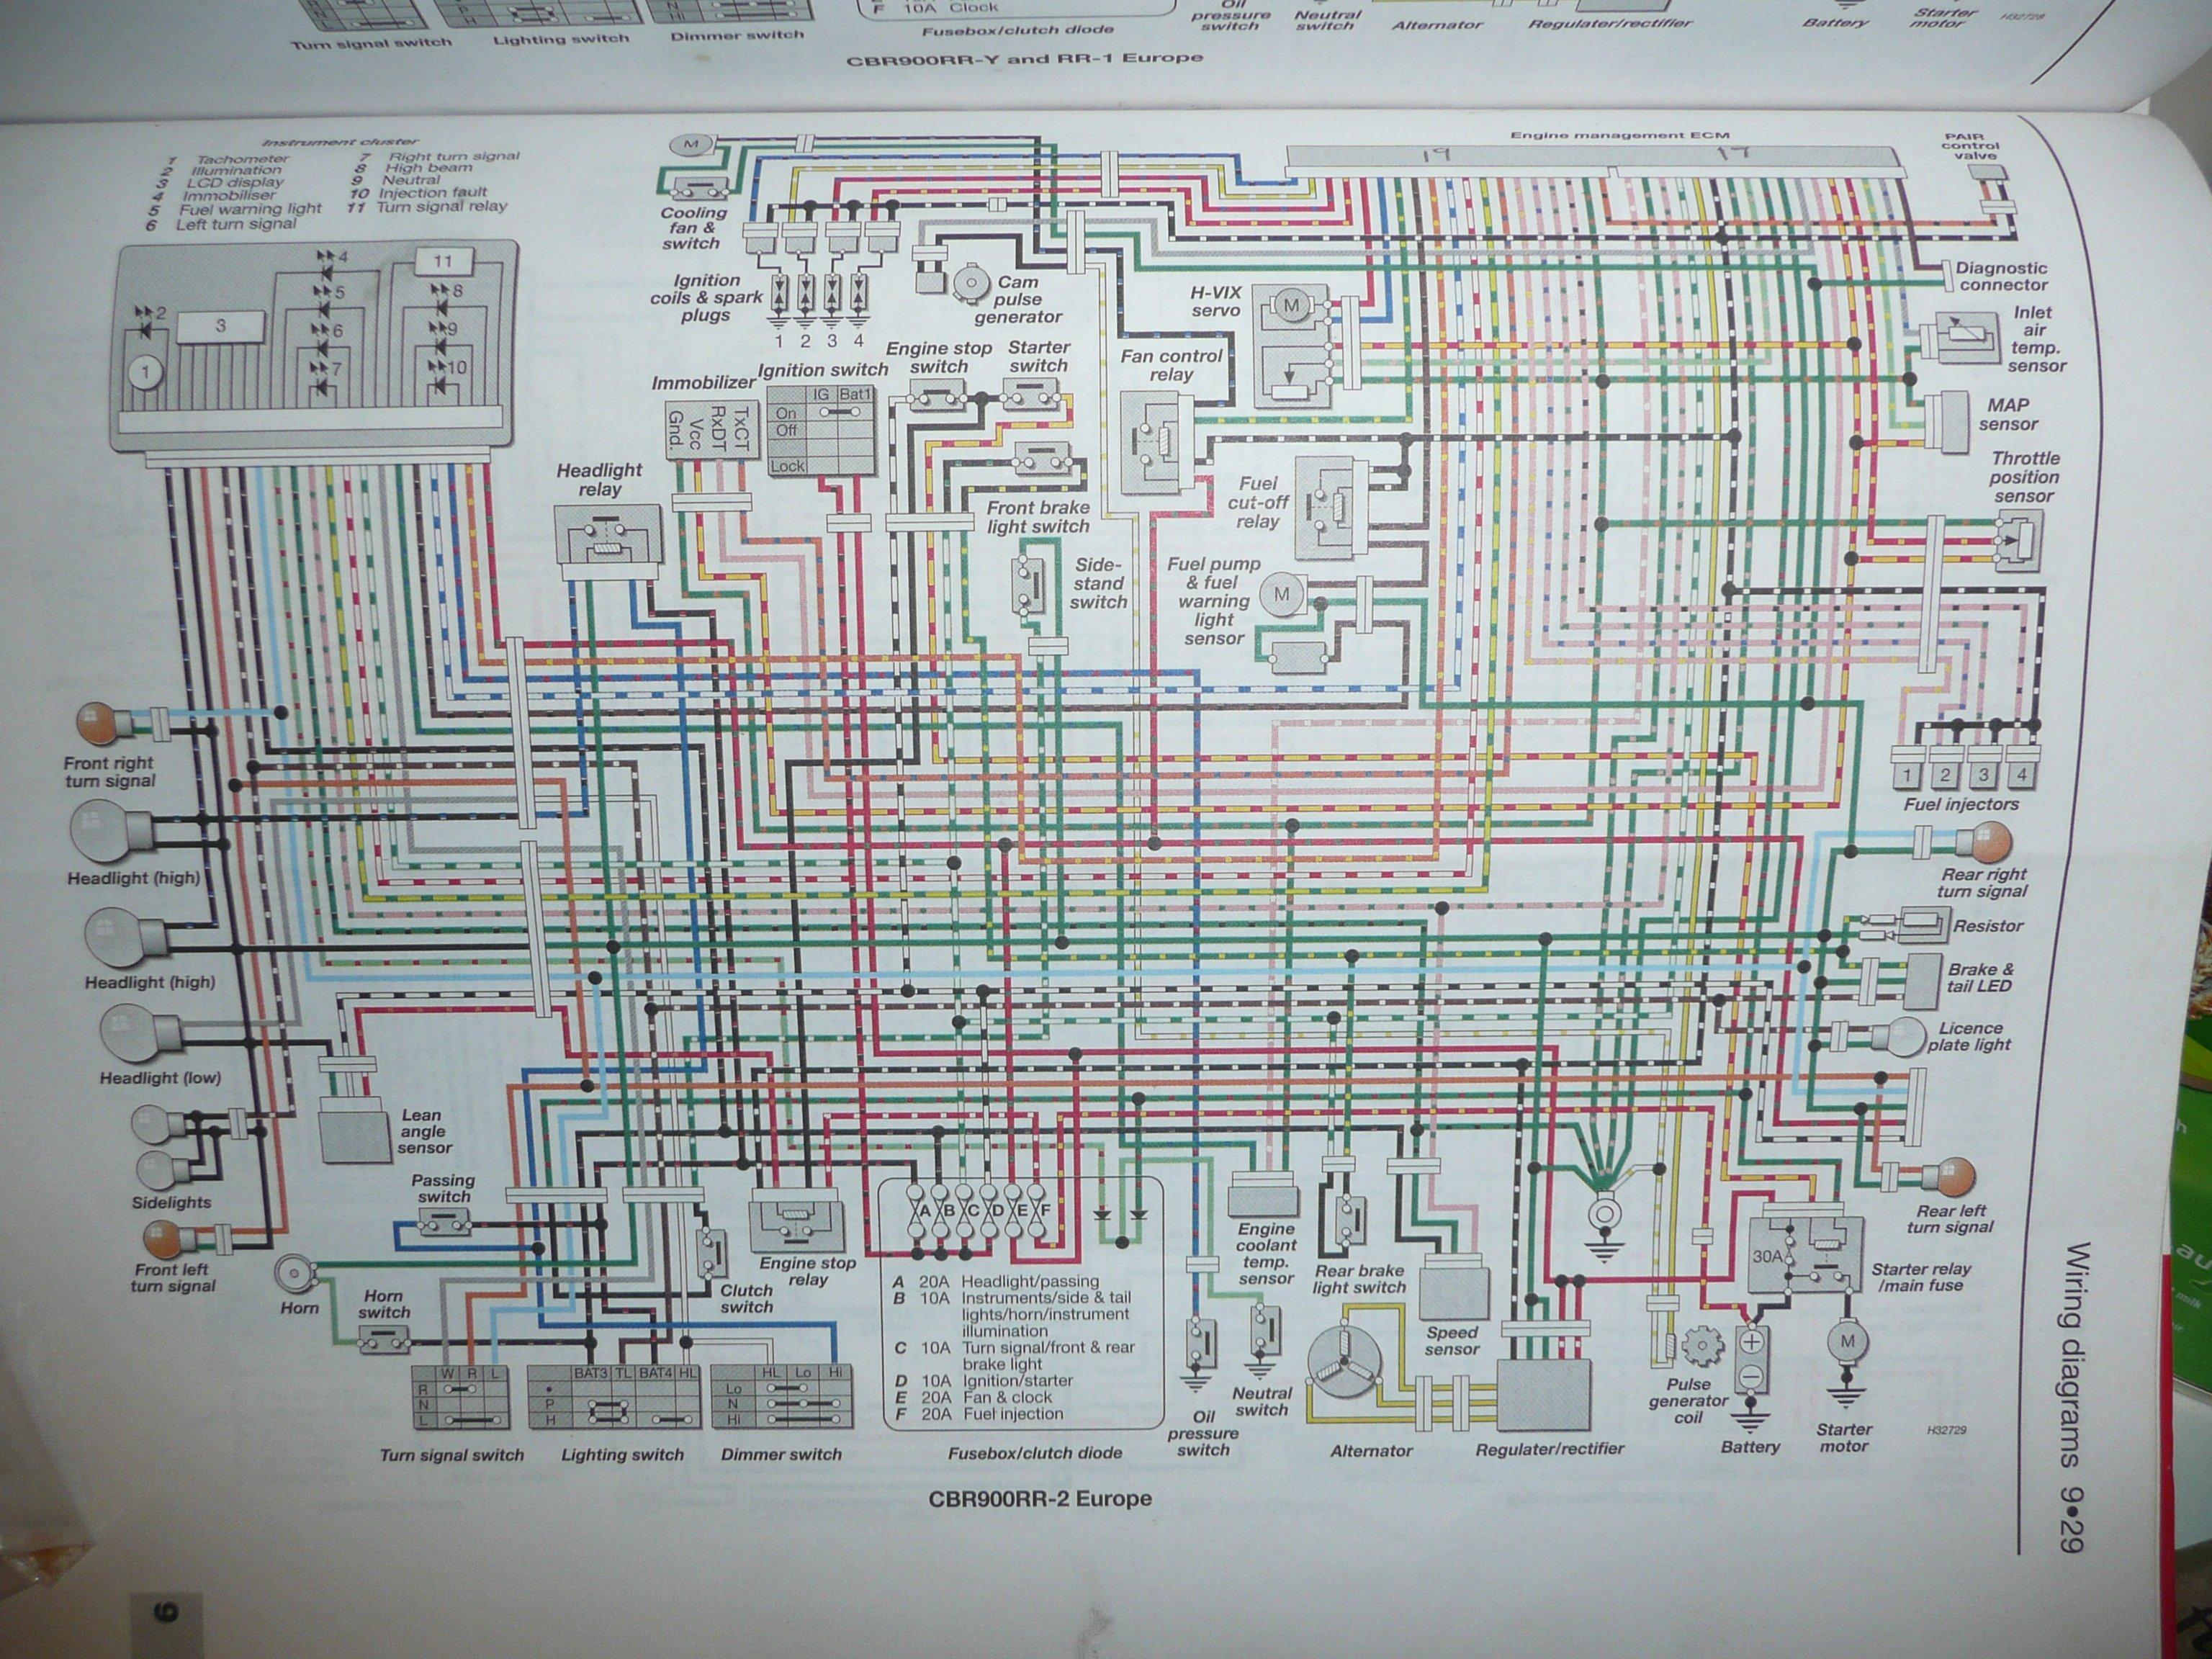 929 954 wiring diagrams | Honda Motorcycles - FireBlades.orgFireBlades.org